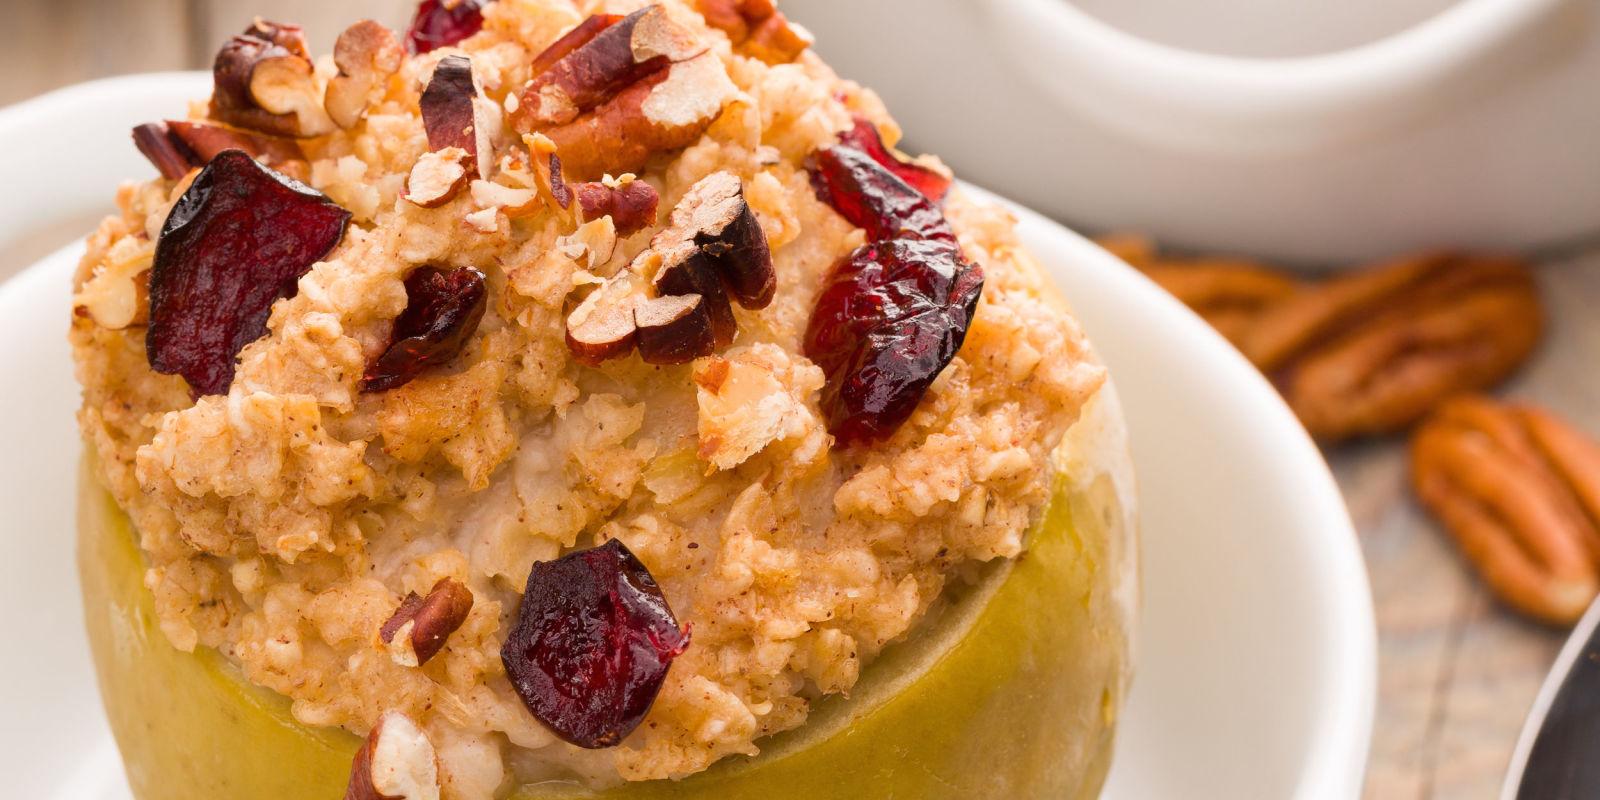 Best Breakfast Baked Apples - How to Make Breakfast Baked ...